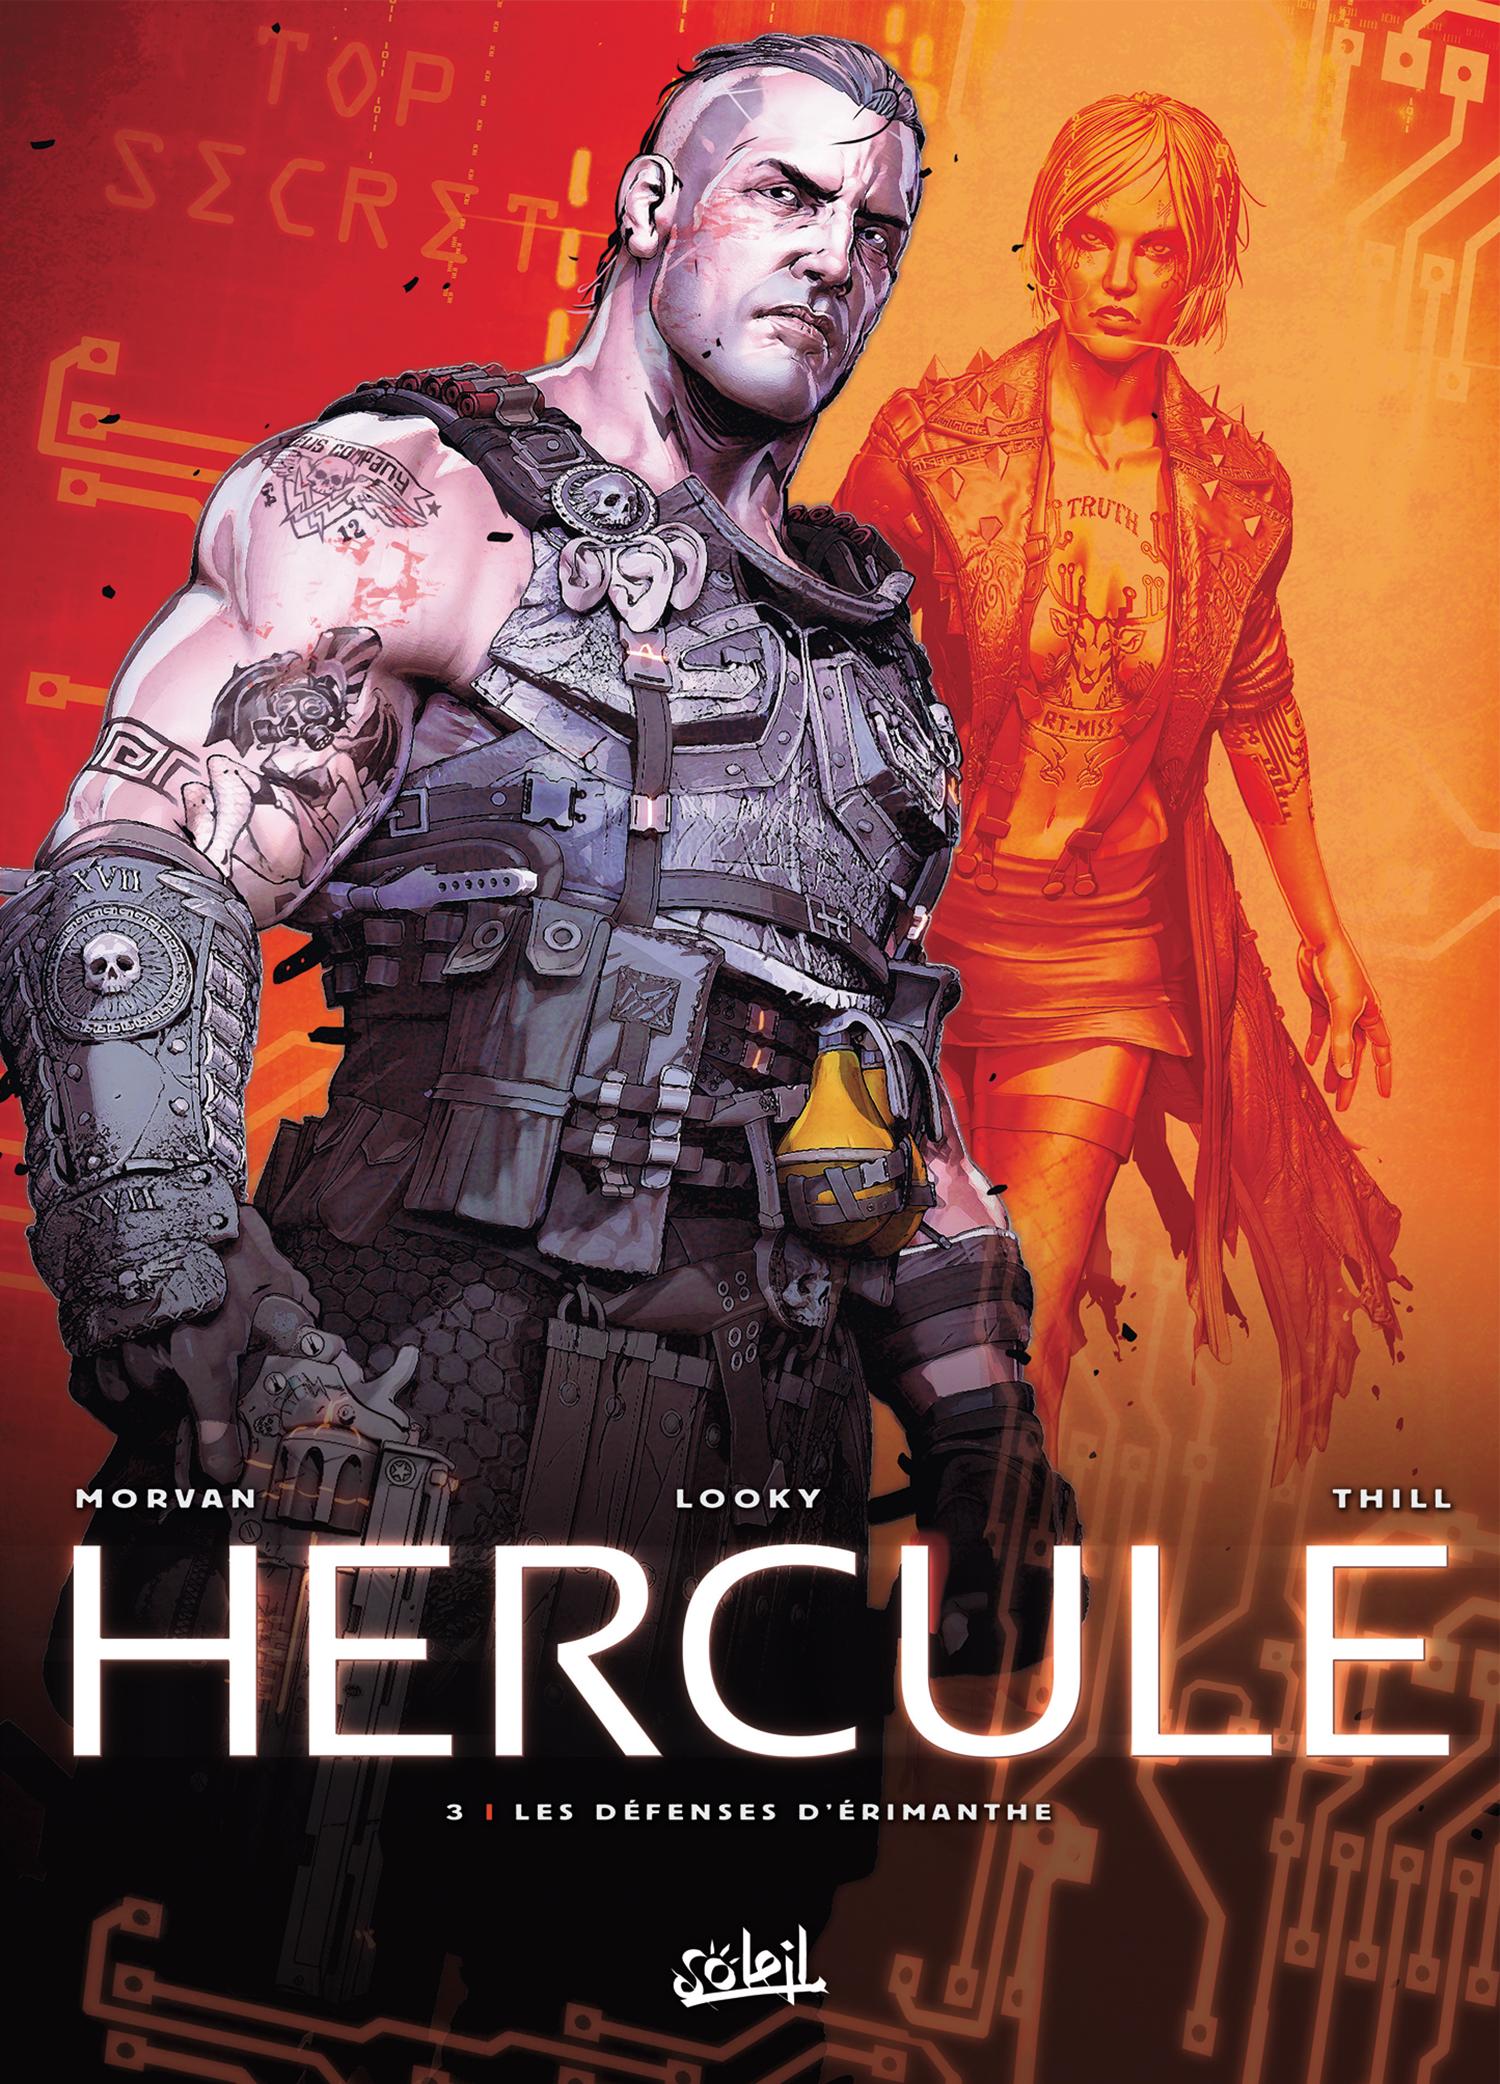 Hercule (Morvan) 3 - Les défenses d'Érimanthe